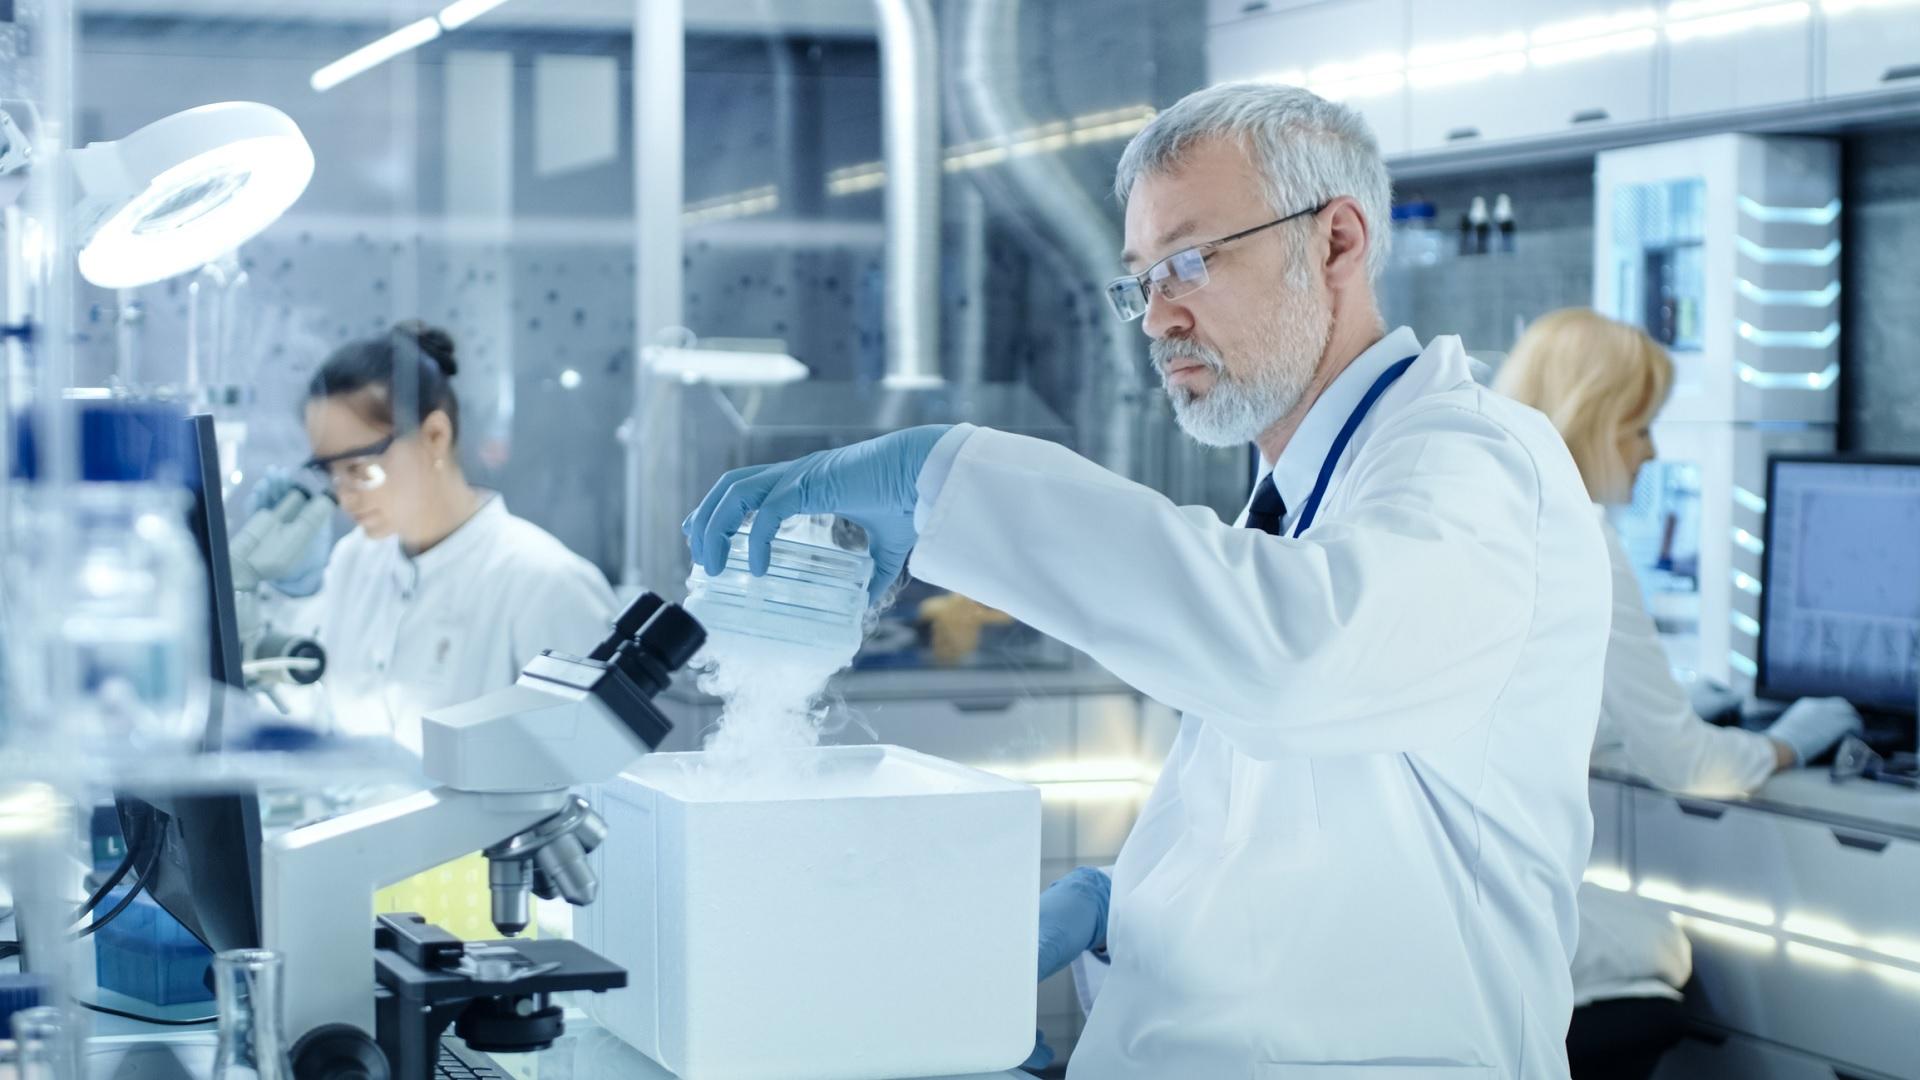 Φαρμακοβιομηχανίες πανδημία: Ενίσχυση της φήμης και της εμπιστοσύνης των καταναλωτών